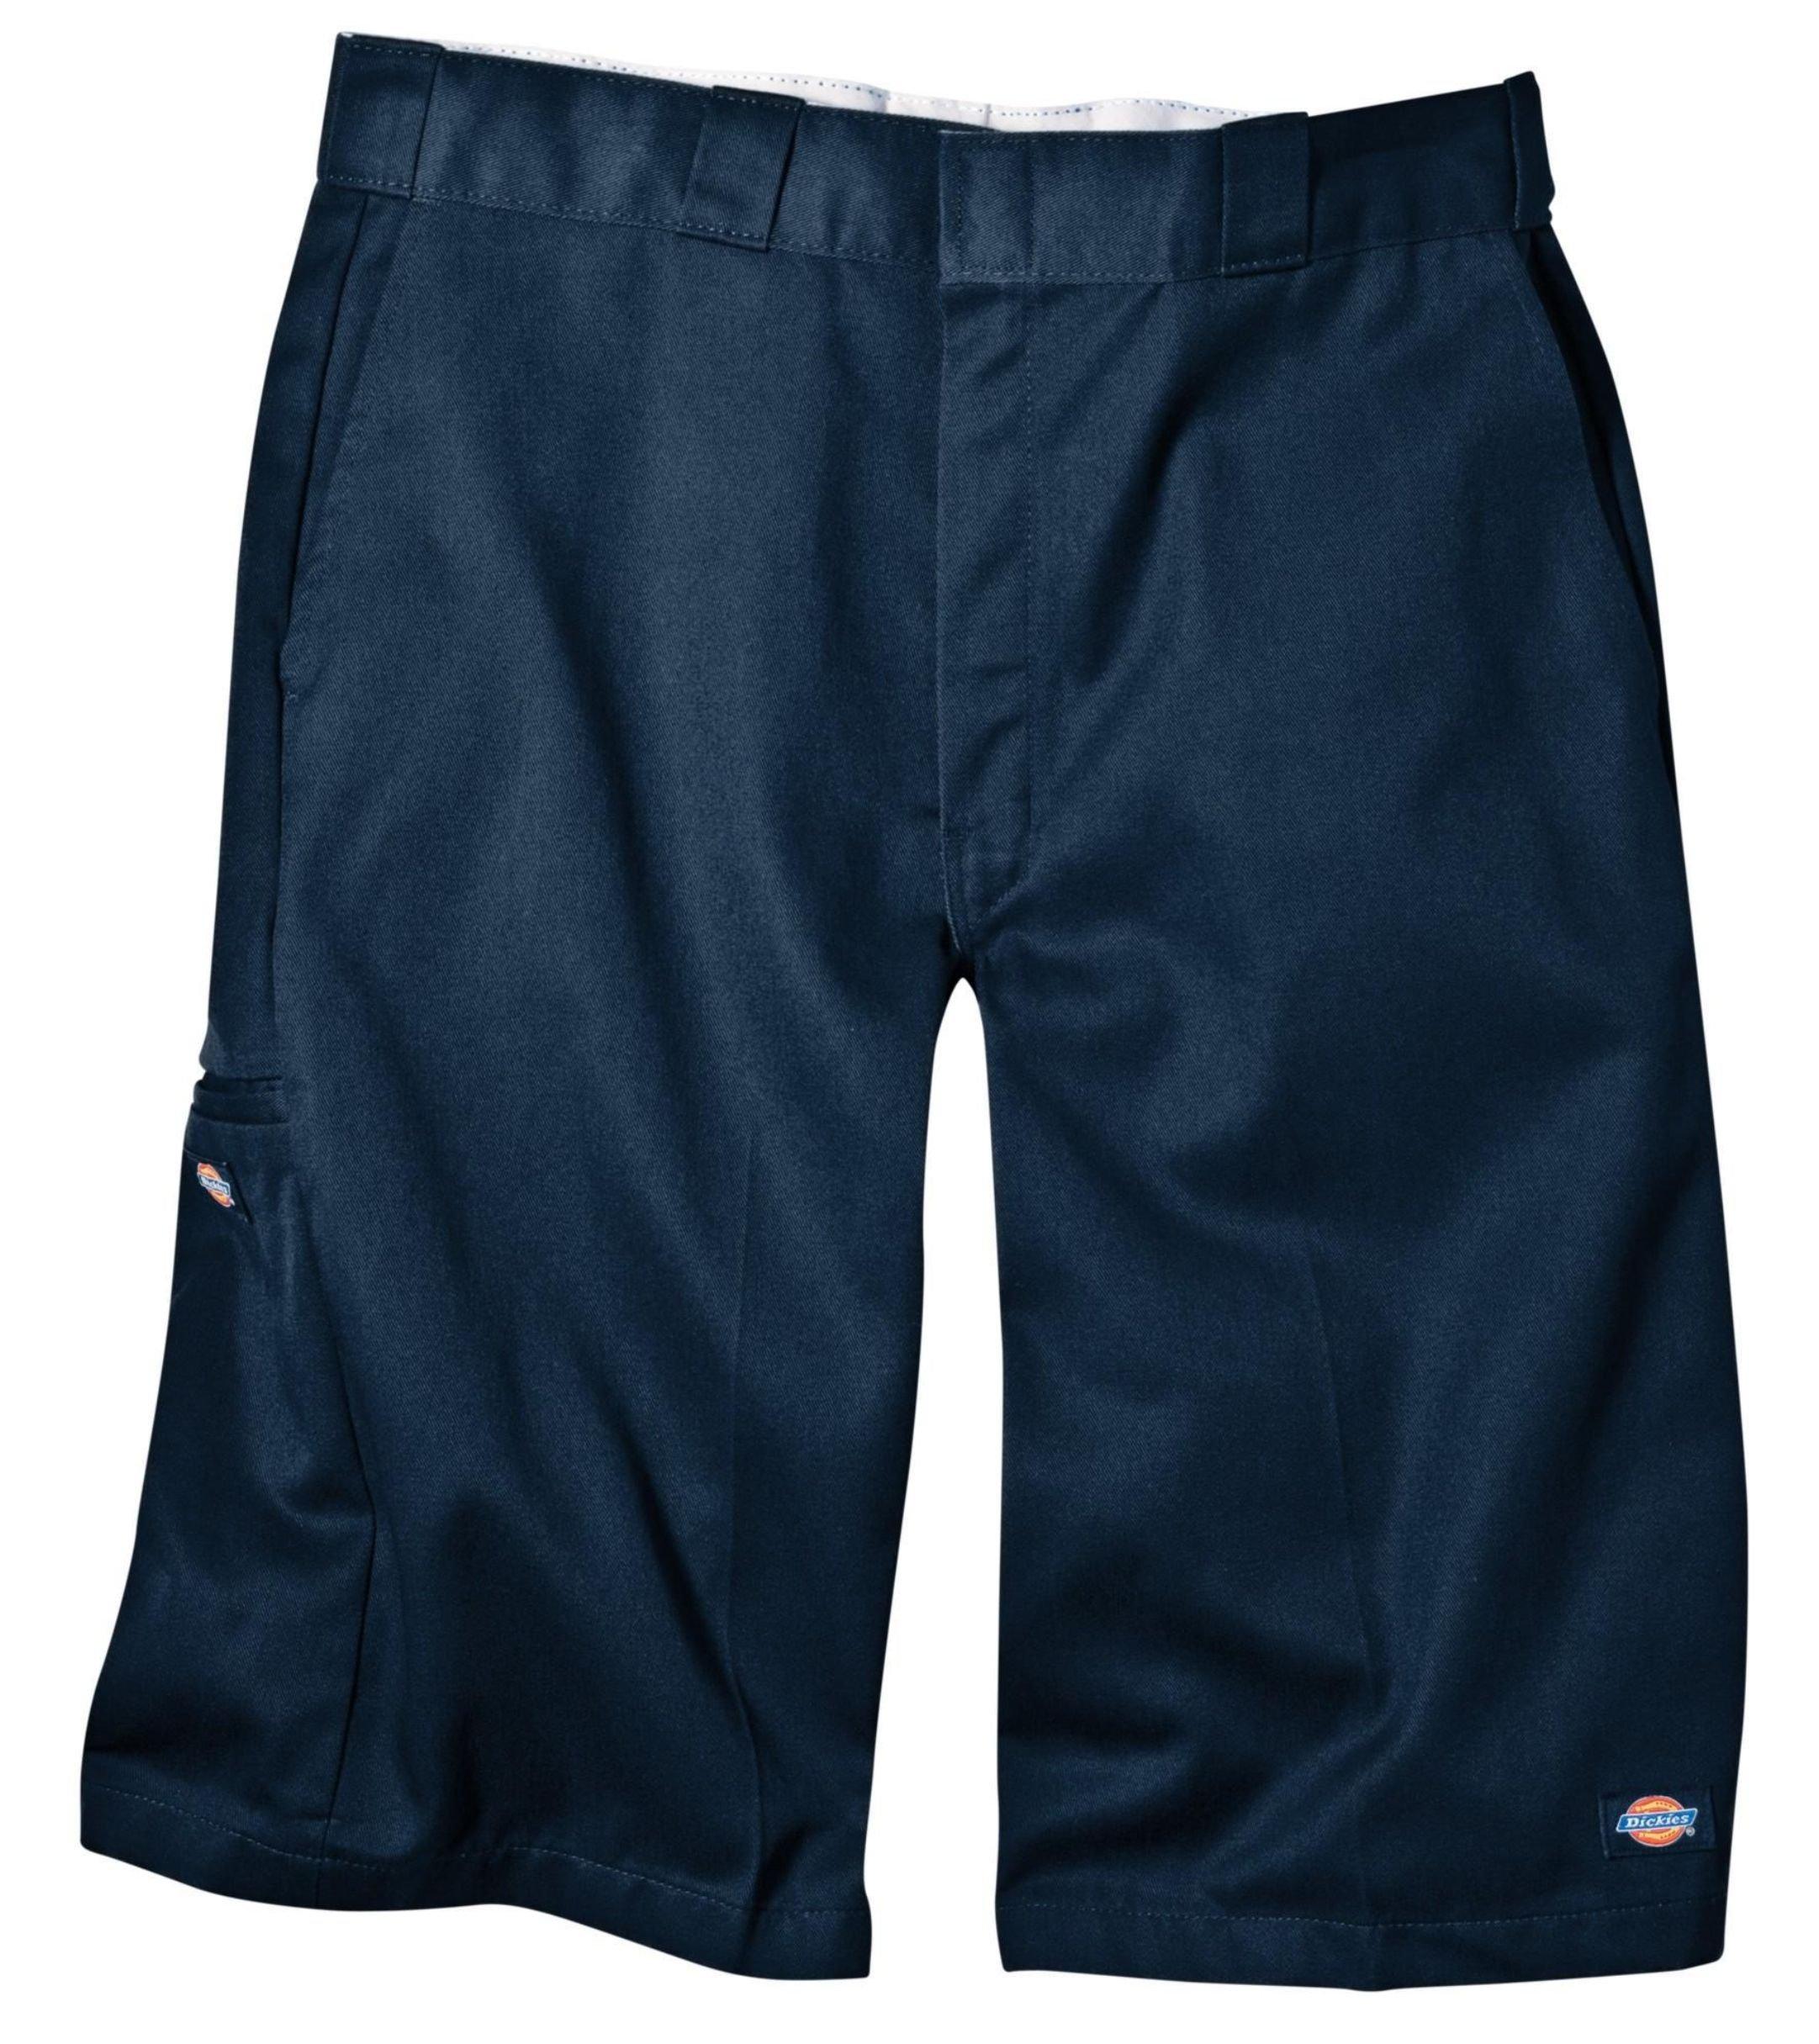 Dickies Men's 13 Inch Loose Fit Multi-Pocket Work Short, Navy, 44